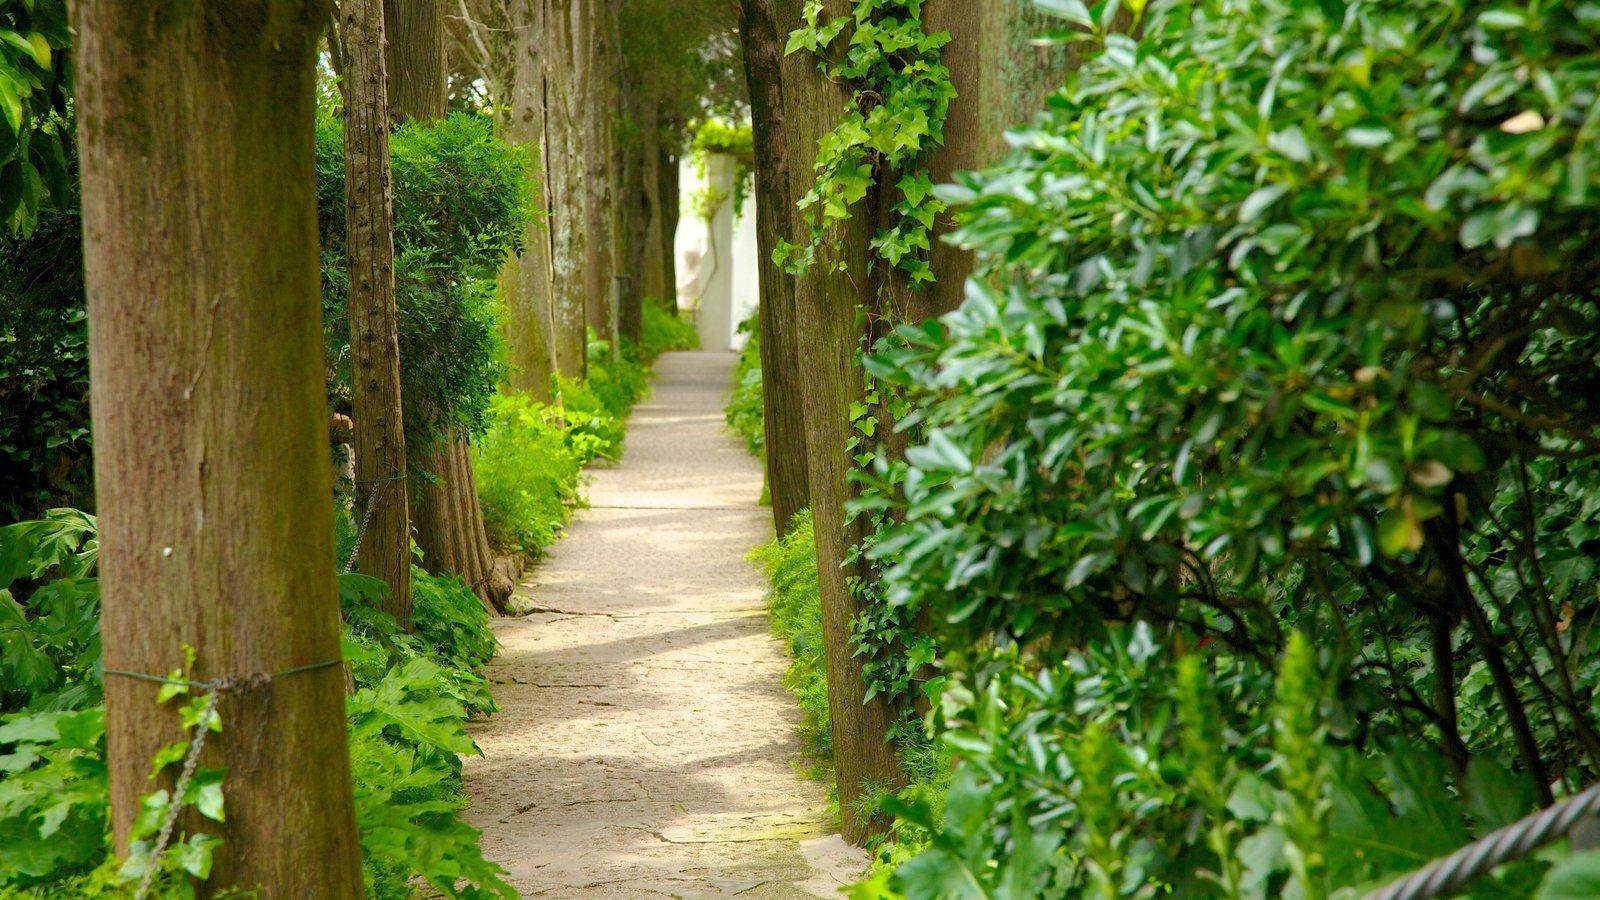 Villa San Michele showing a park